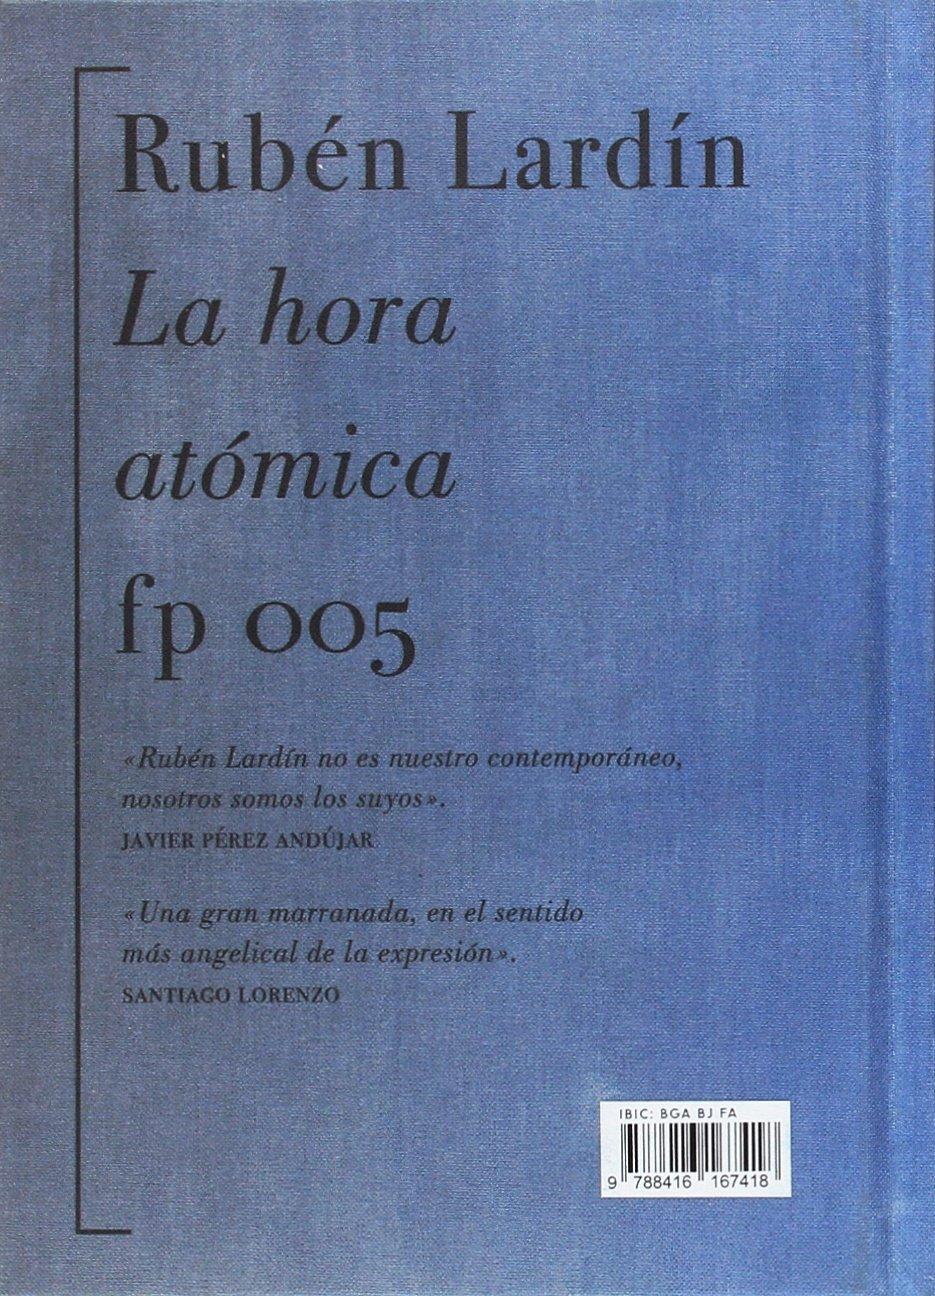 La hora atómica: Amazon.es: Rubén Lardín: Libros